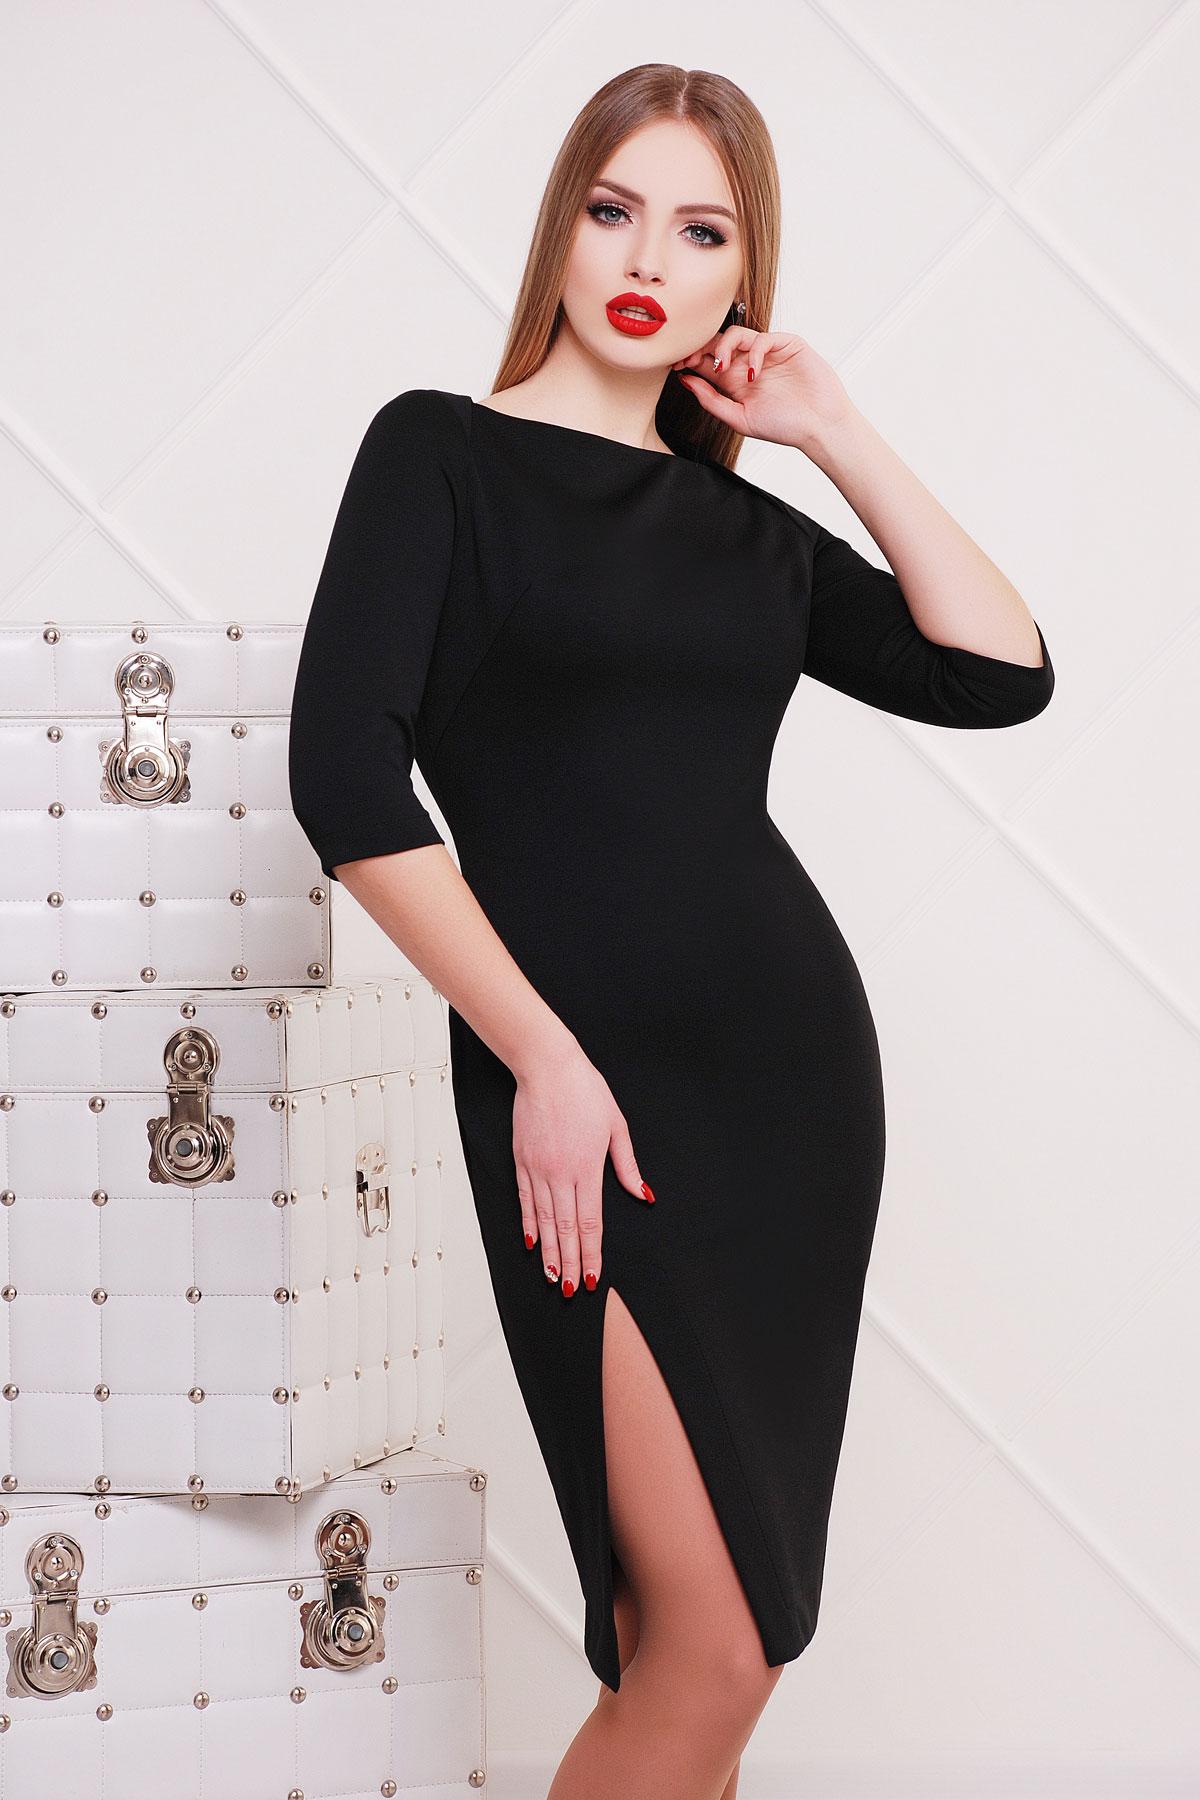 a90ca7929f8 элегантное черное платье длиной до колен. платье Лучера д р. Цвет  черный